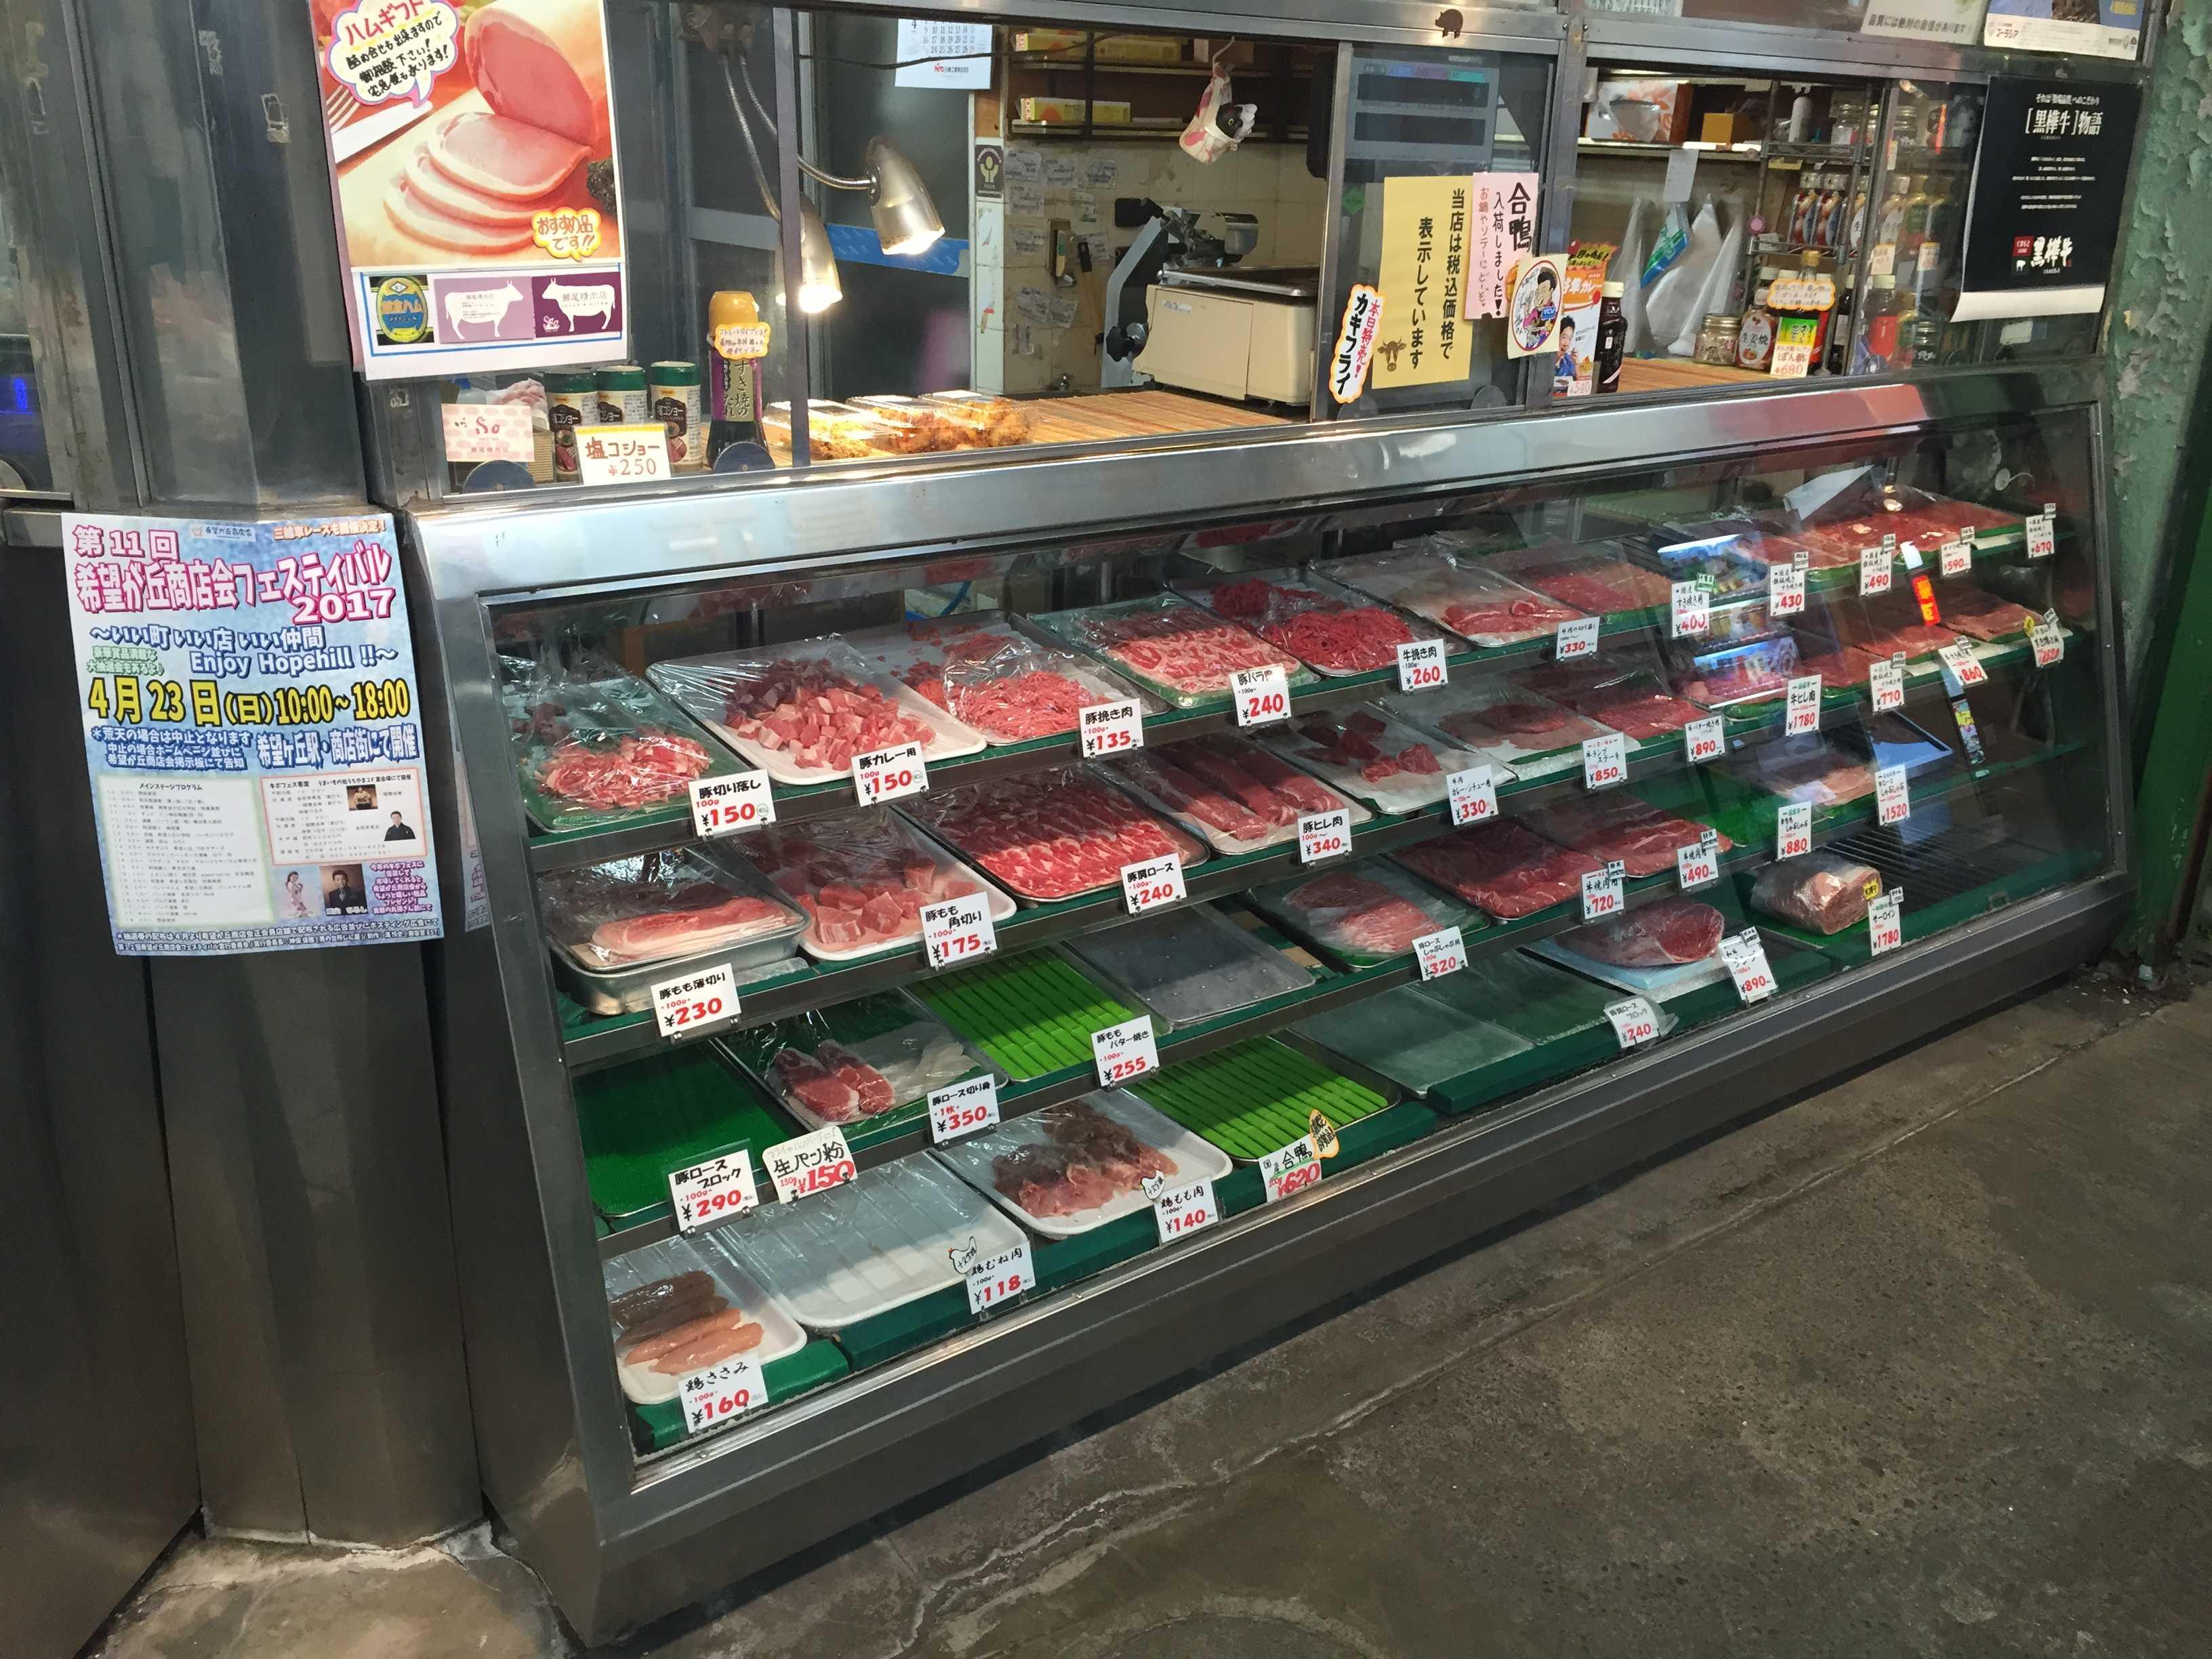 お肉屋さん「瀬尾の牛豚肉」 - 希望ヶ丘ショッピングセンター